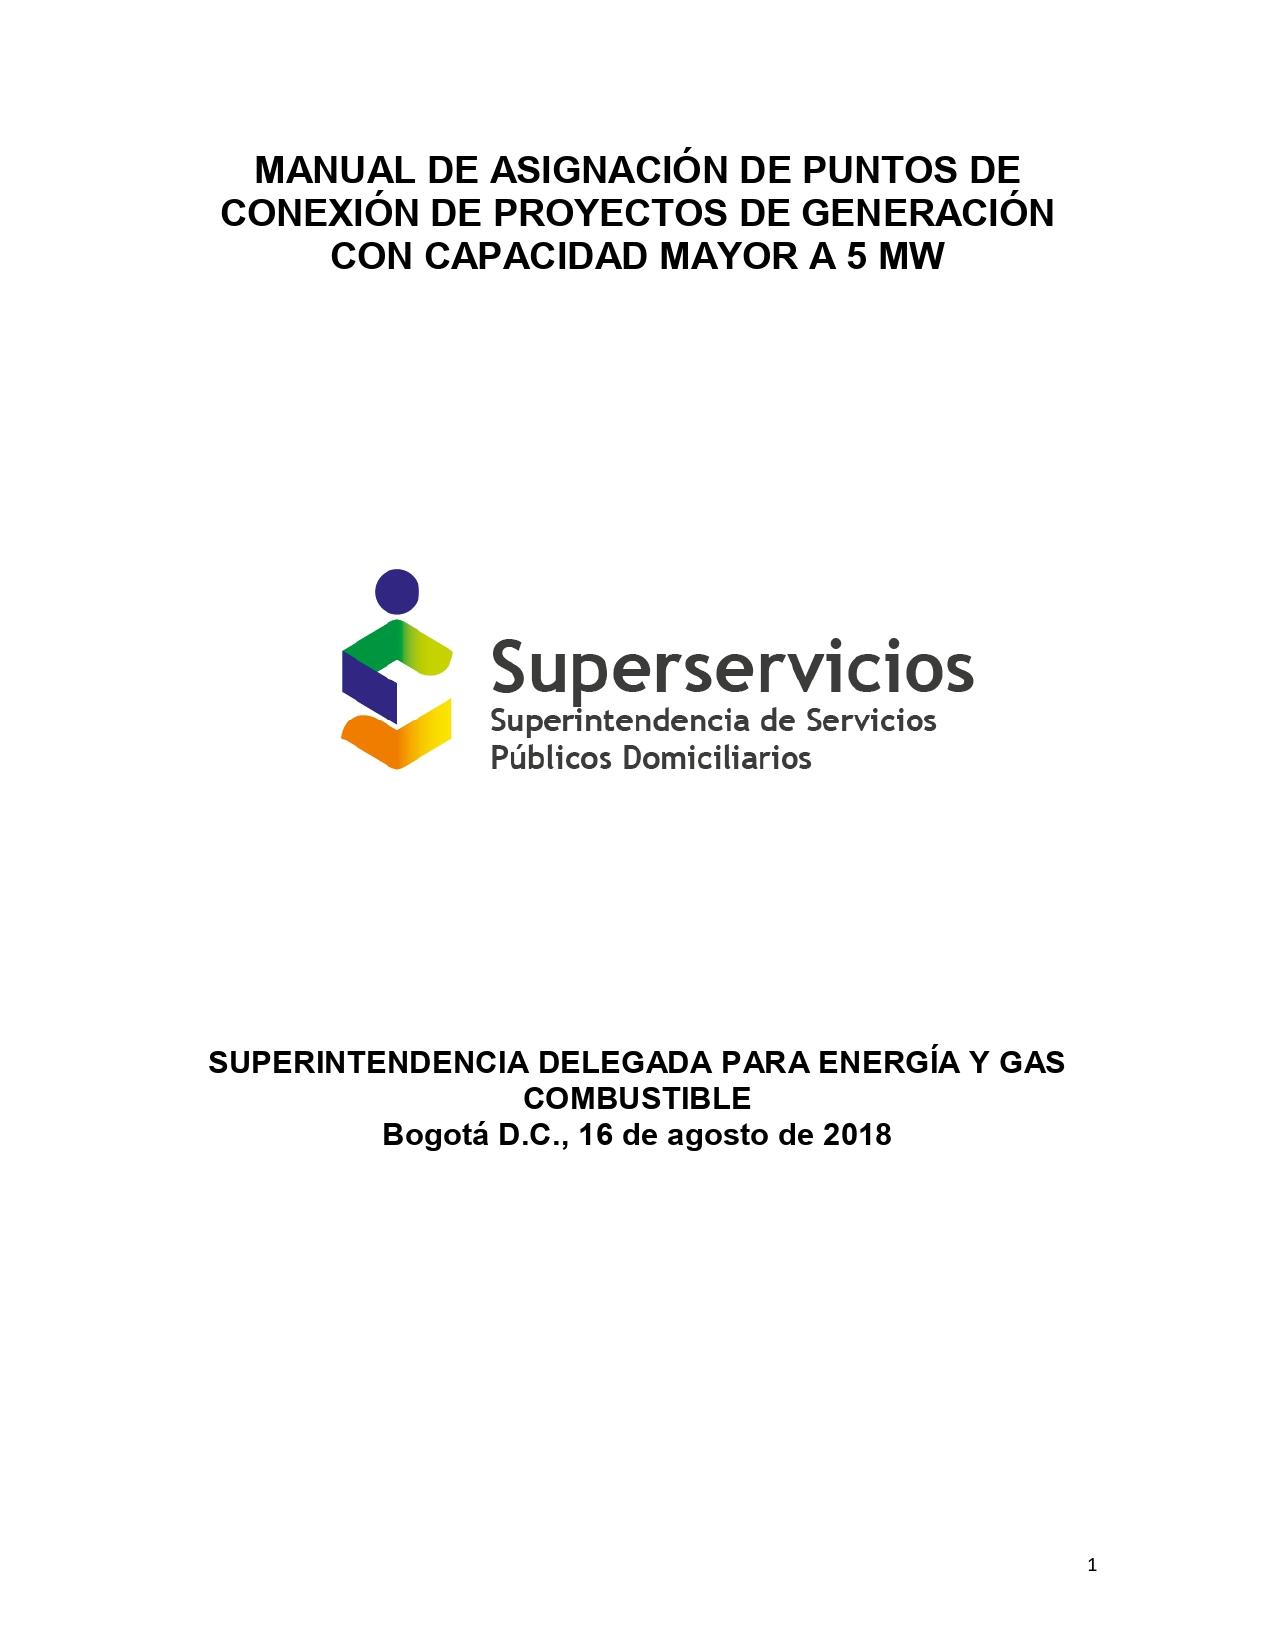 Manual de asignación de puntos de conexión de proyectos de generación con capacidad mayor a 5 MW (1)-páginas-1_page-0001